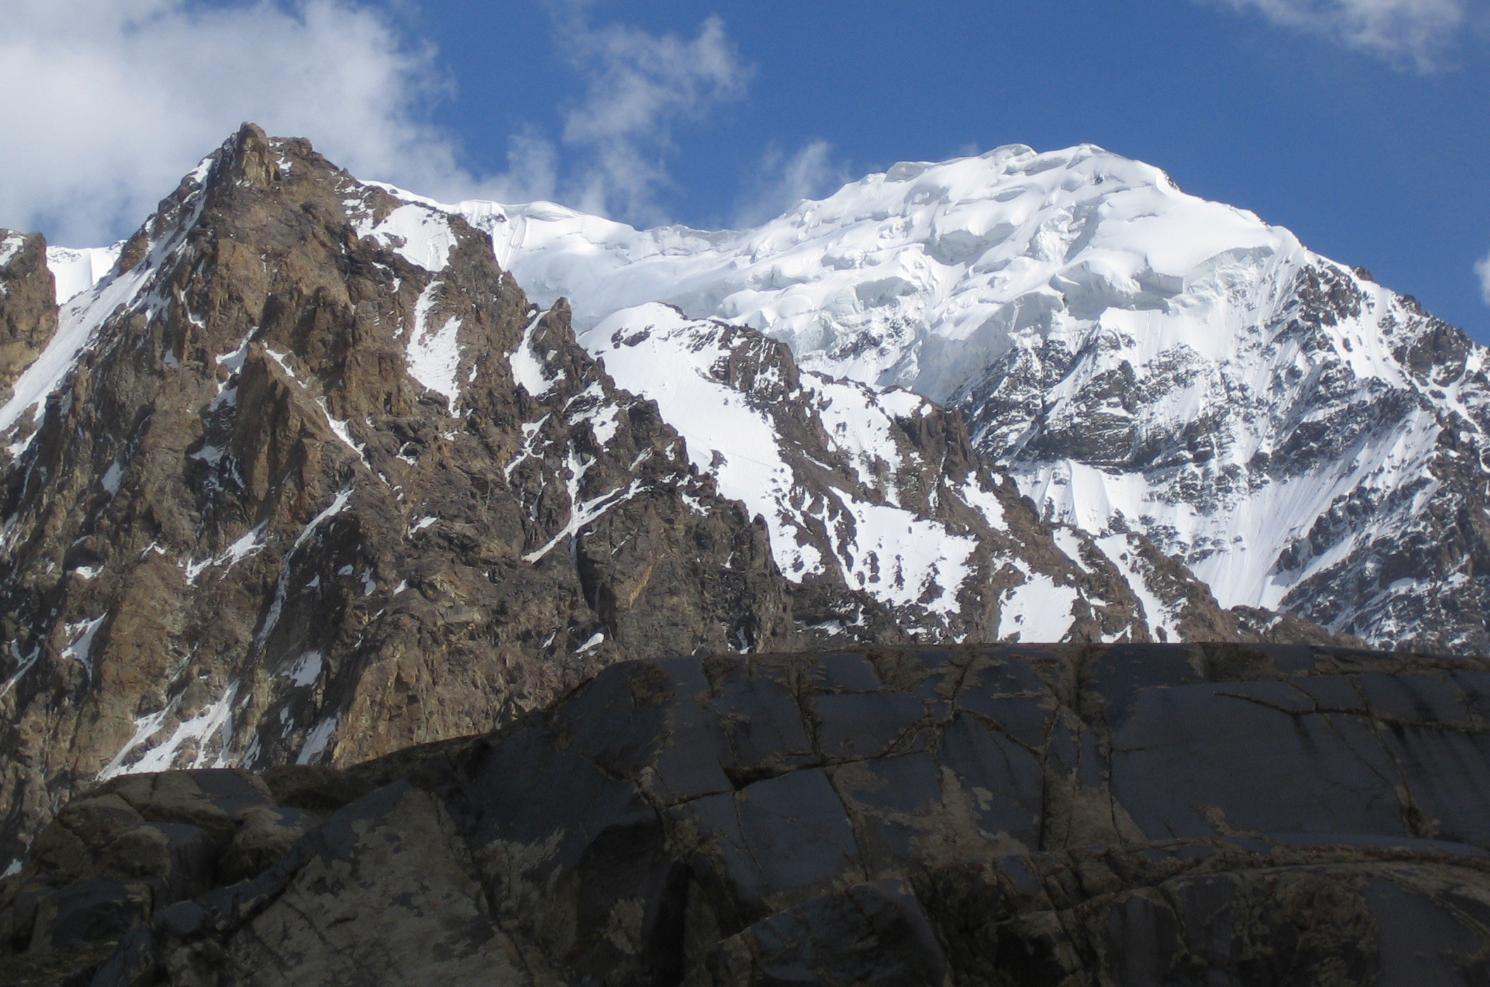 Koh-e-Maghrebi, Wakhan Corridor, Afghanistan.